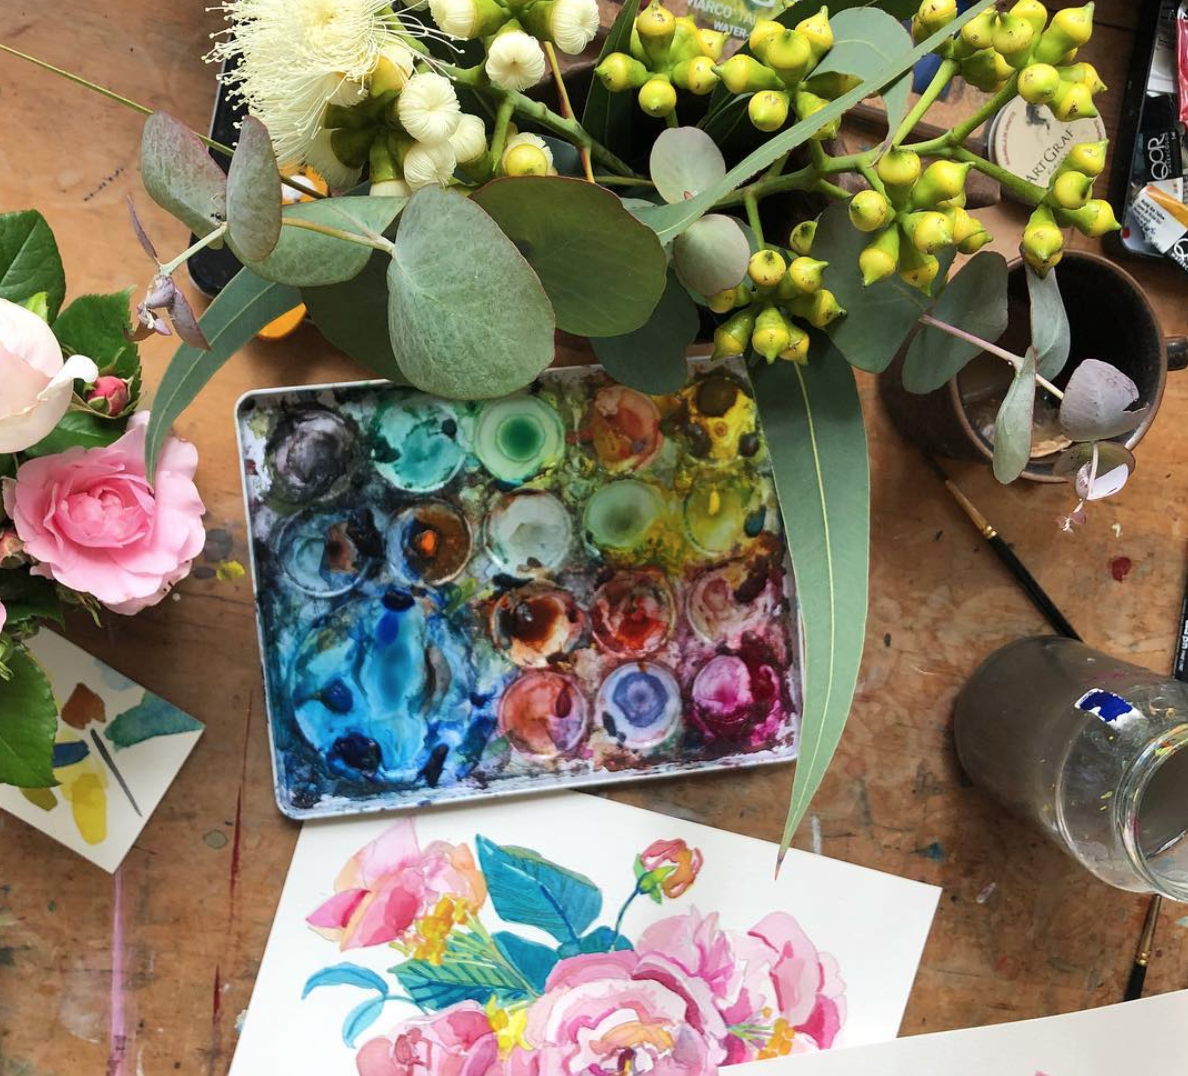 The-Windsor-Workshop-Embroidery-Elizabeth-Barnett-15.png